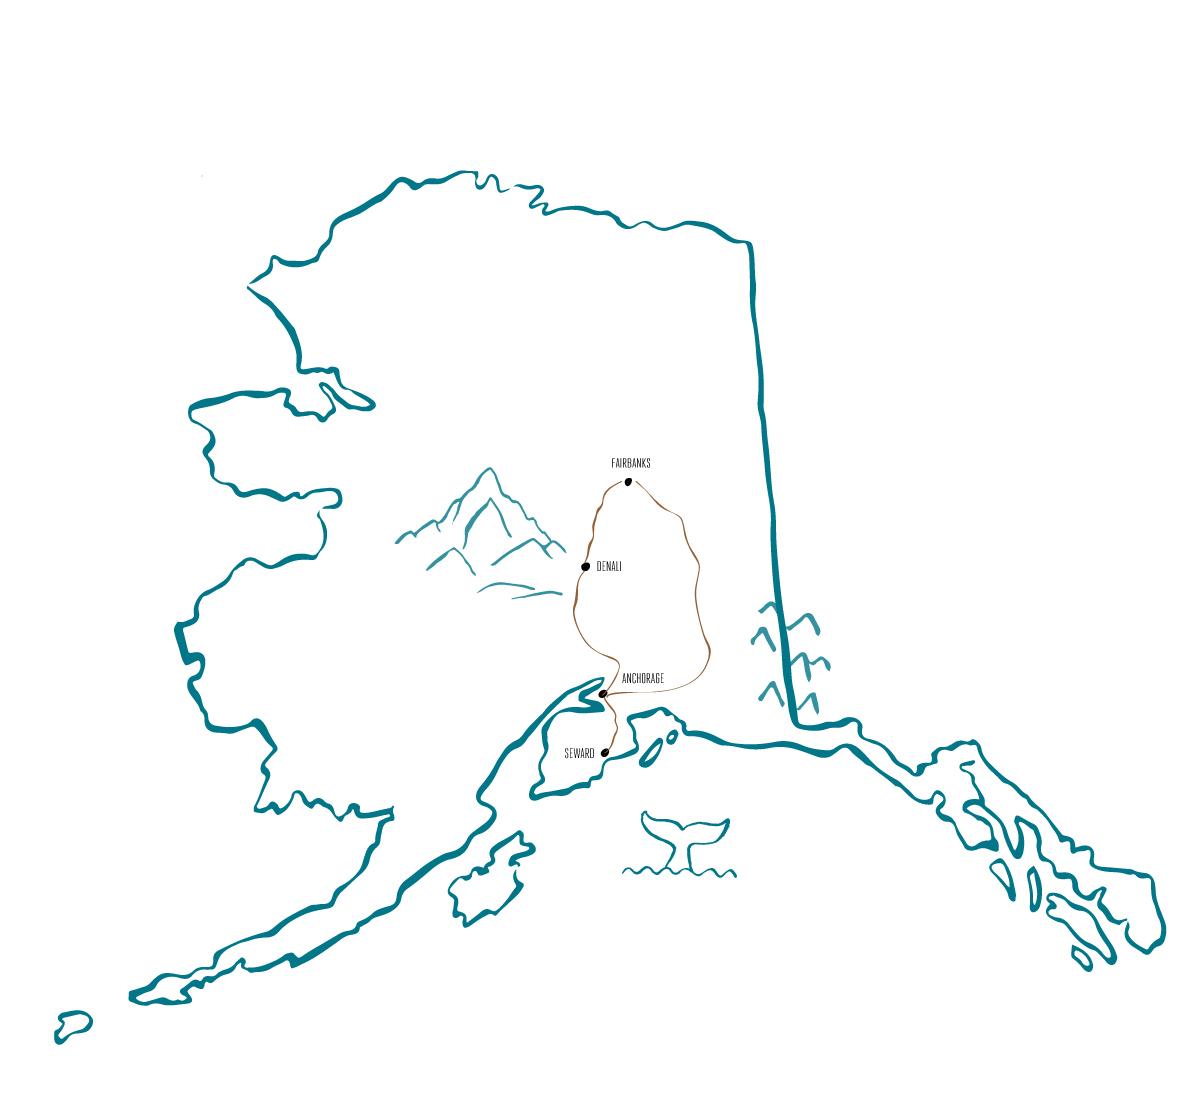 Classic Alaska